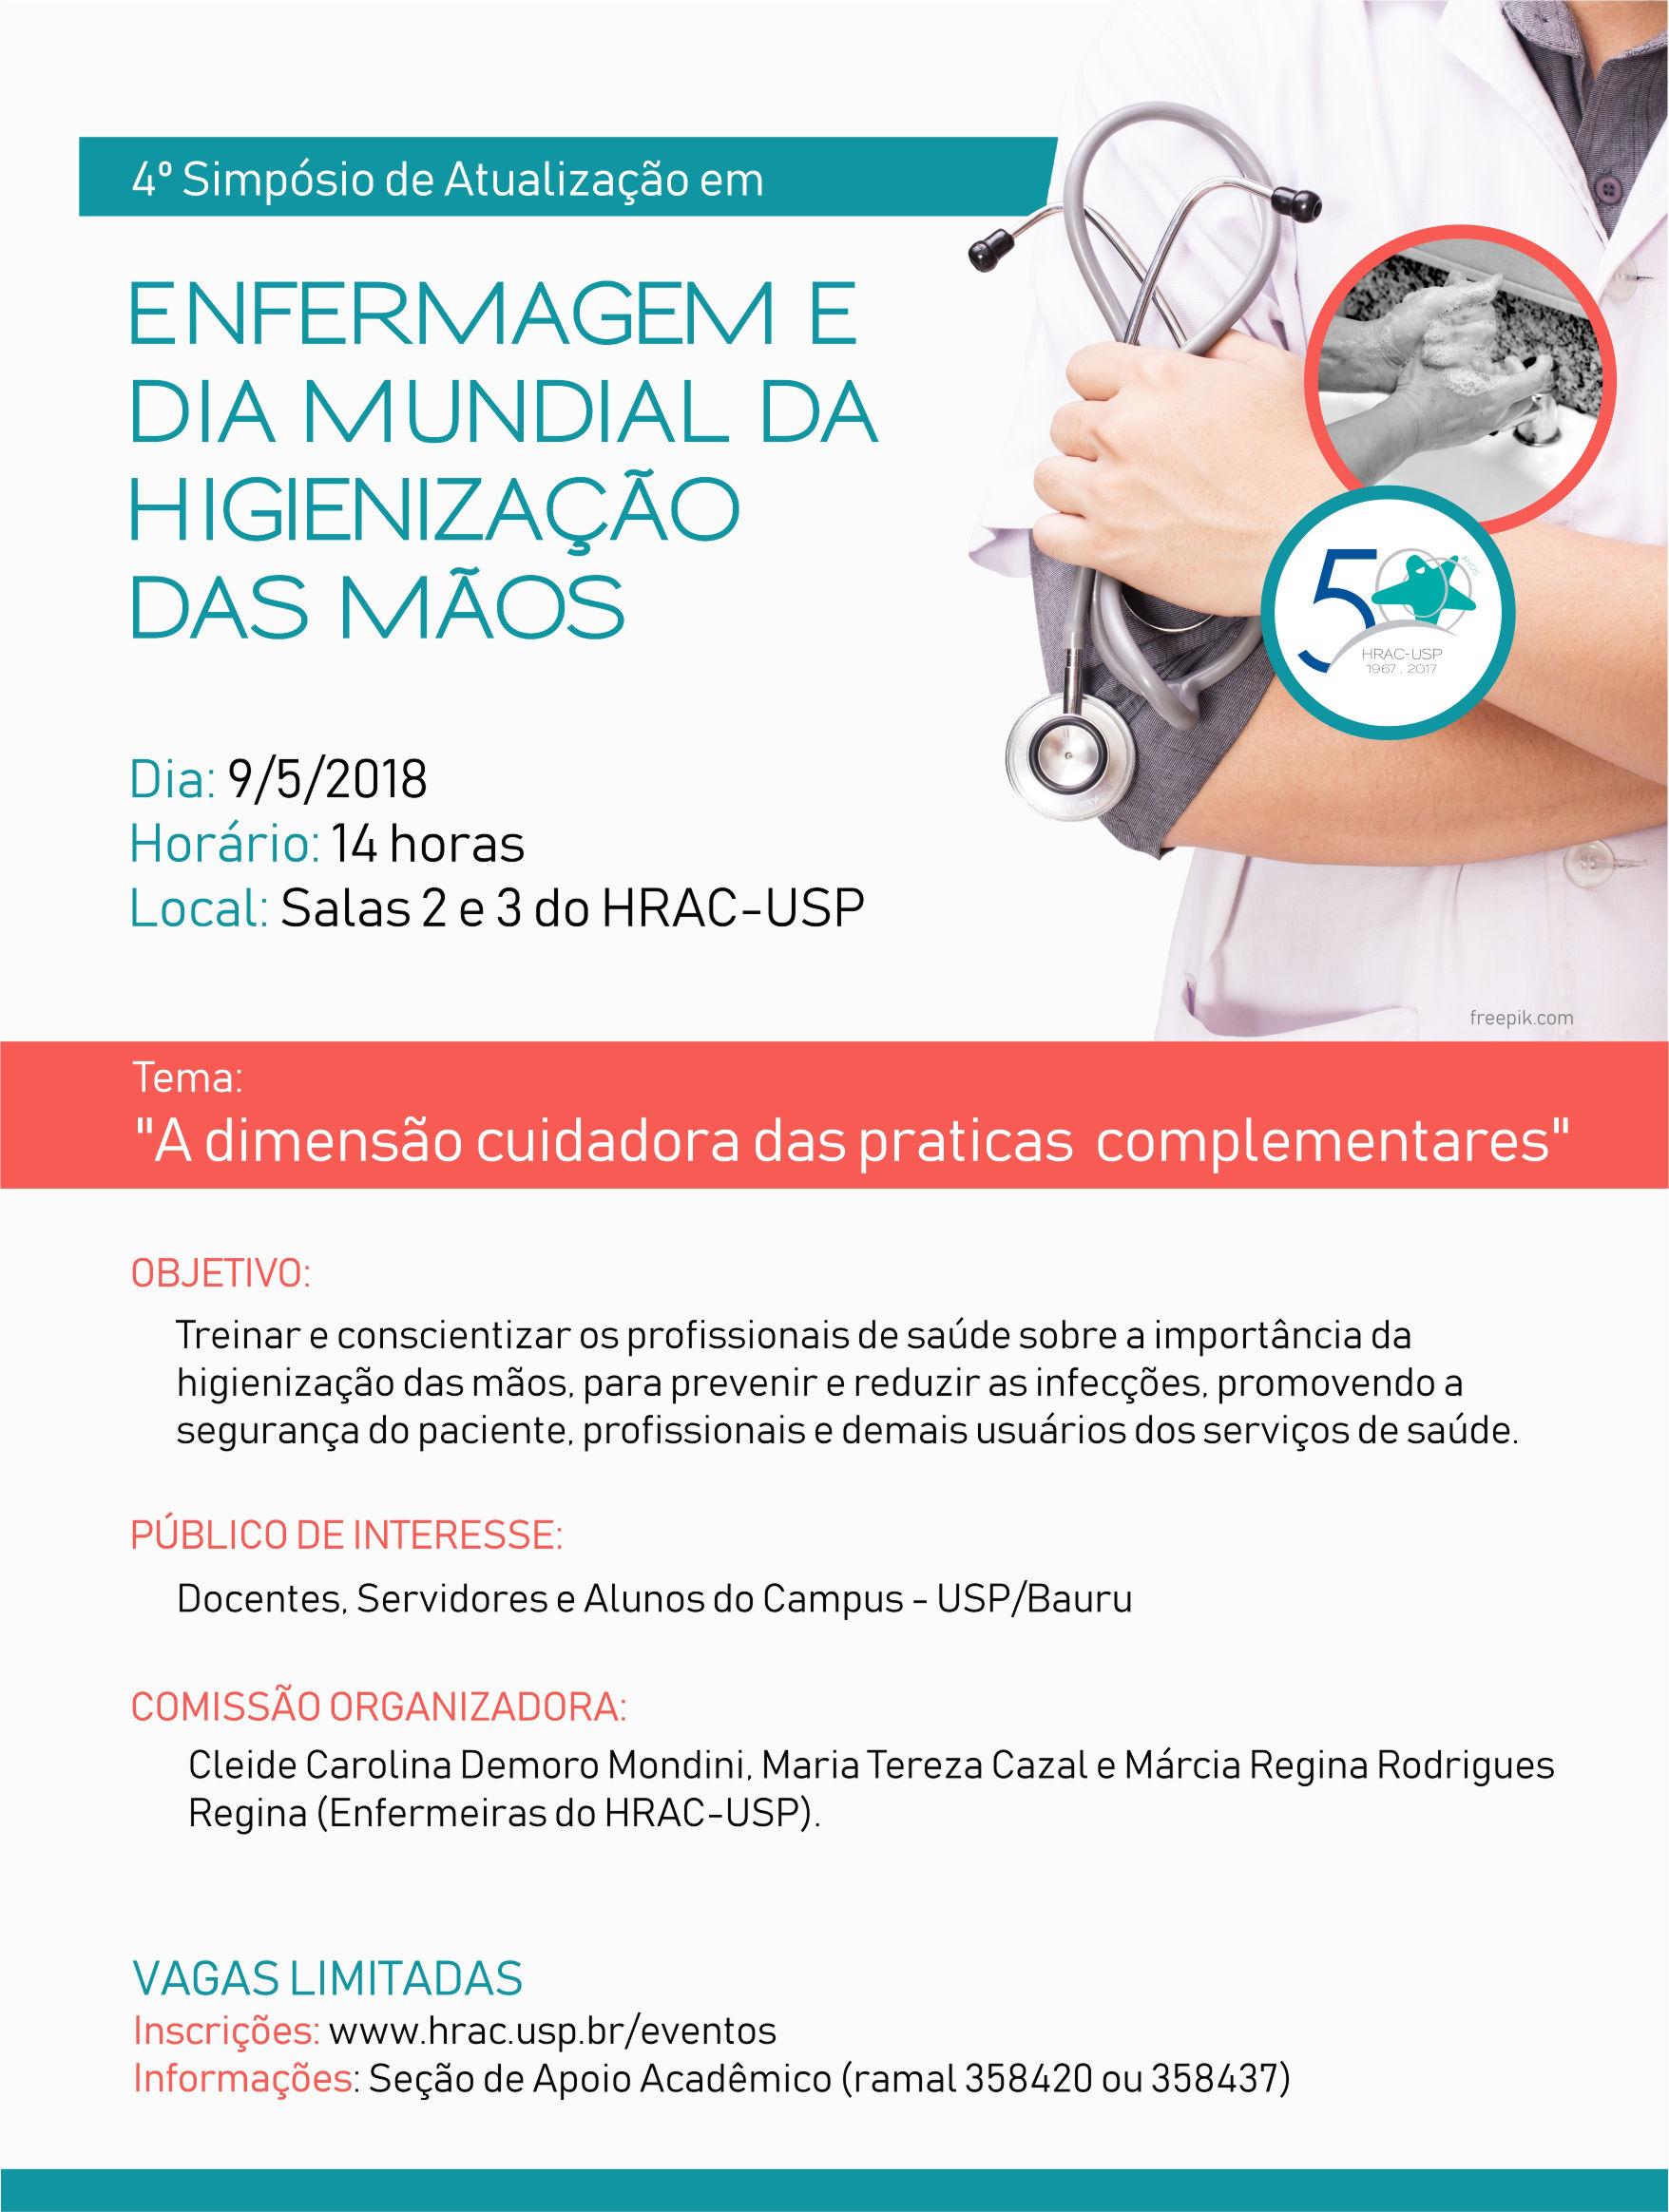 4º Simpósio de Atualização em Enfermagem do HRAC-USP - 09 de maio de 2018